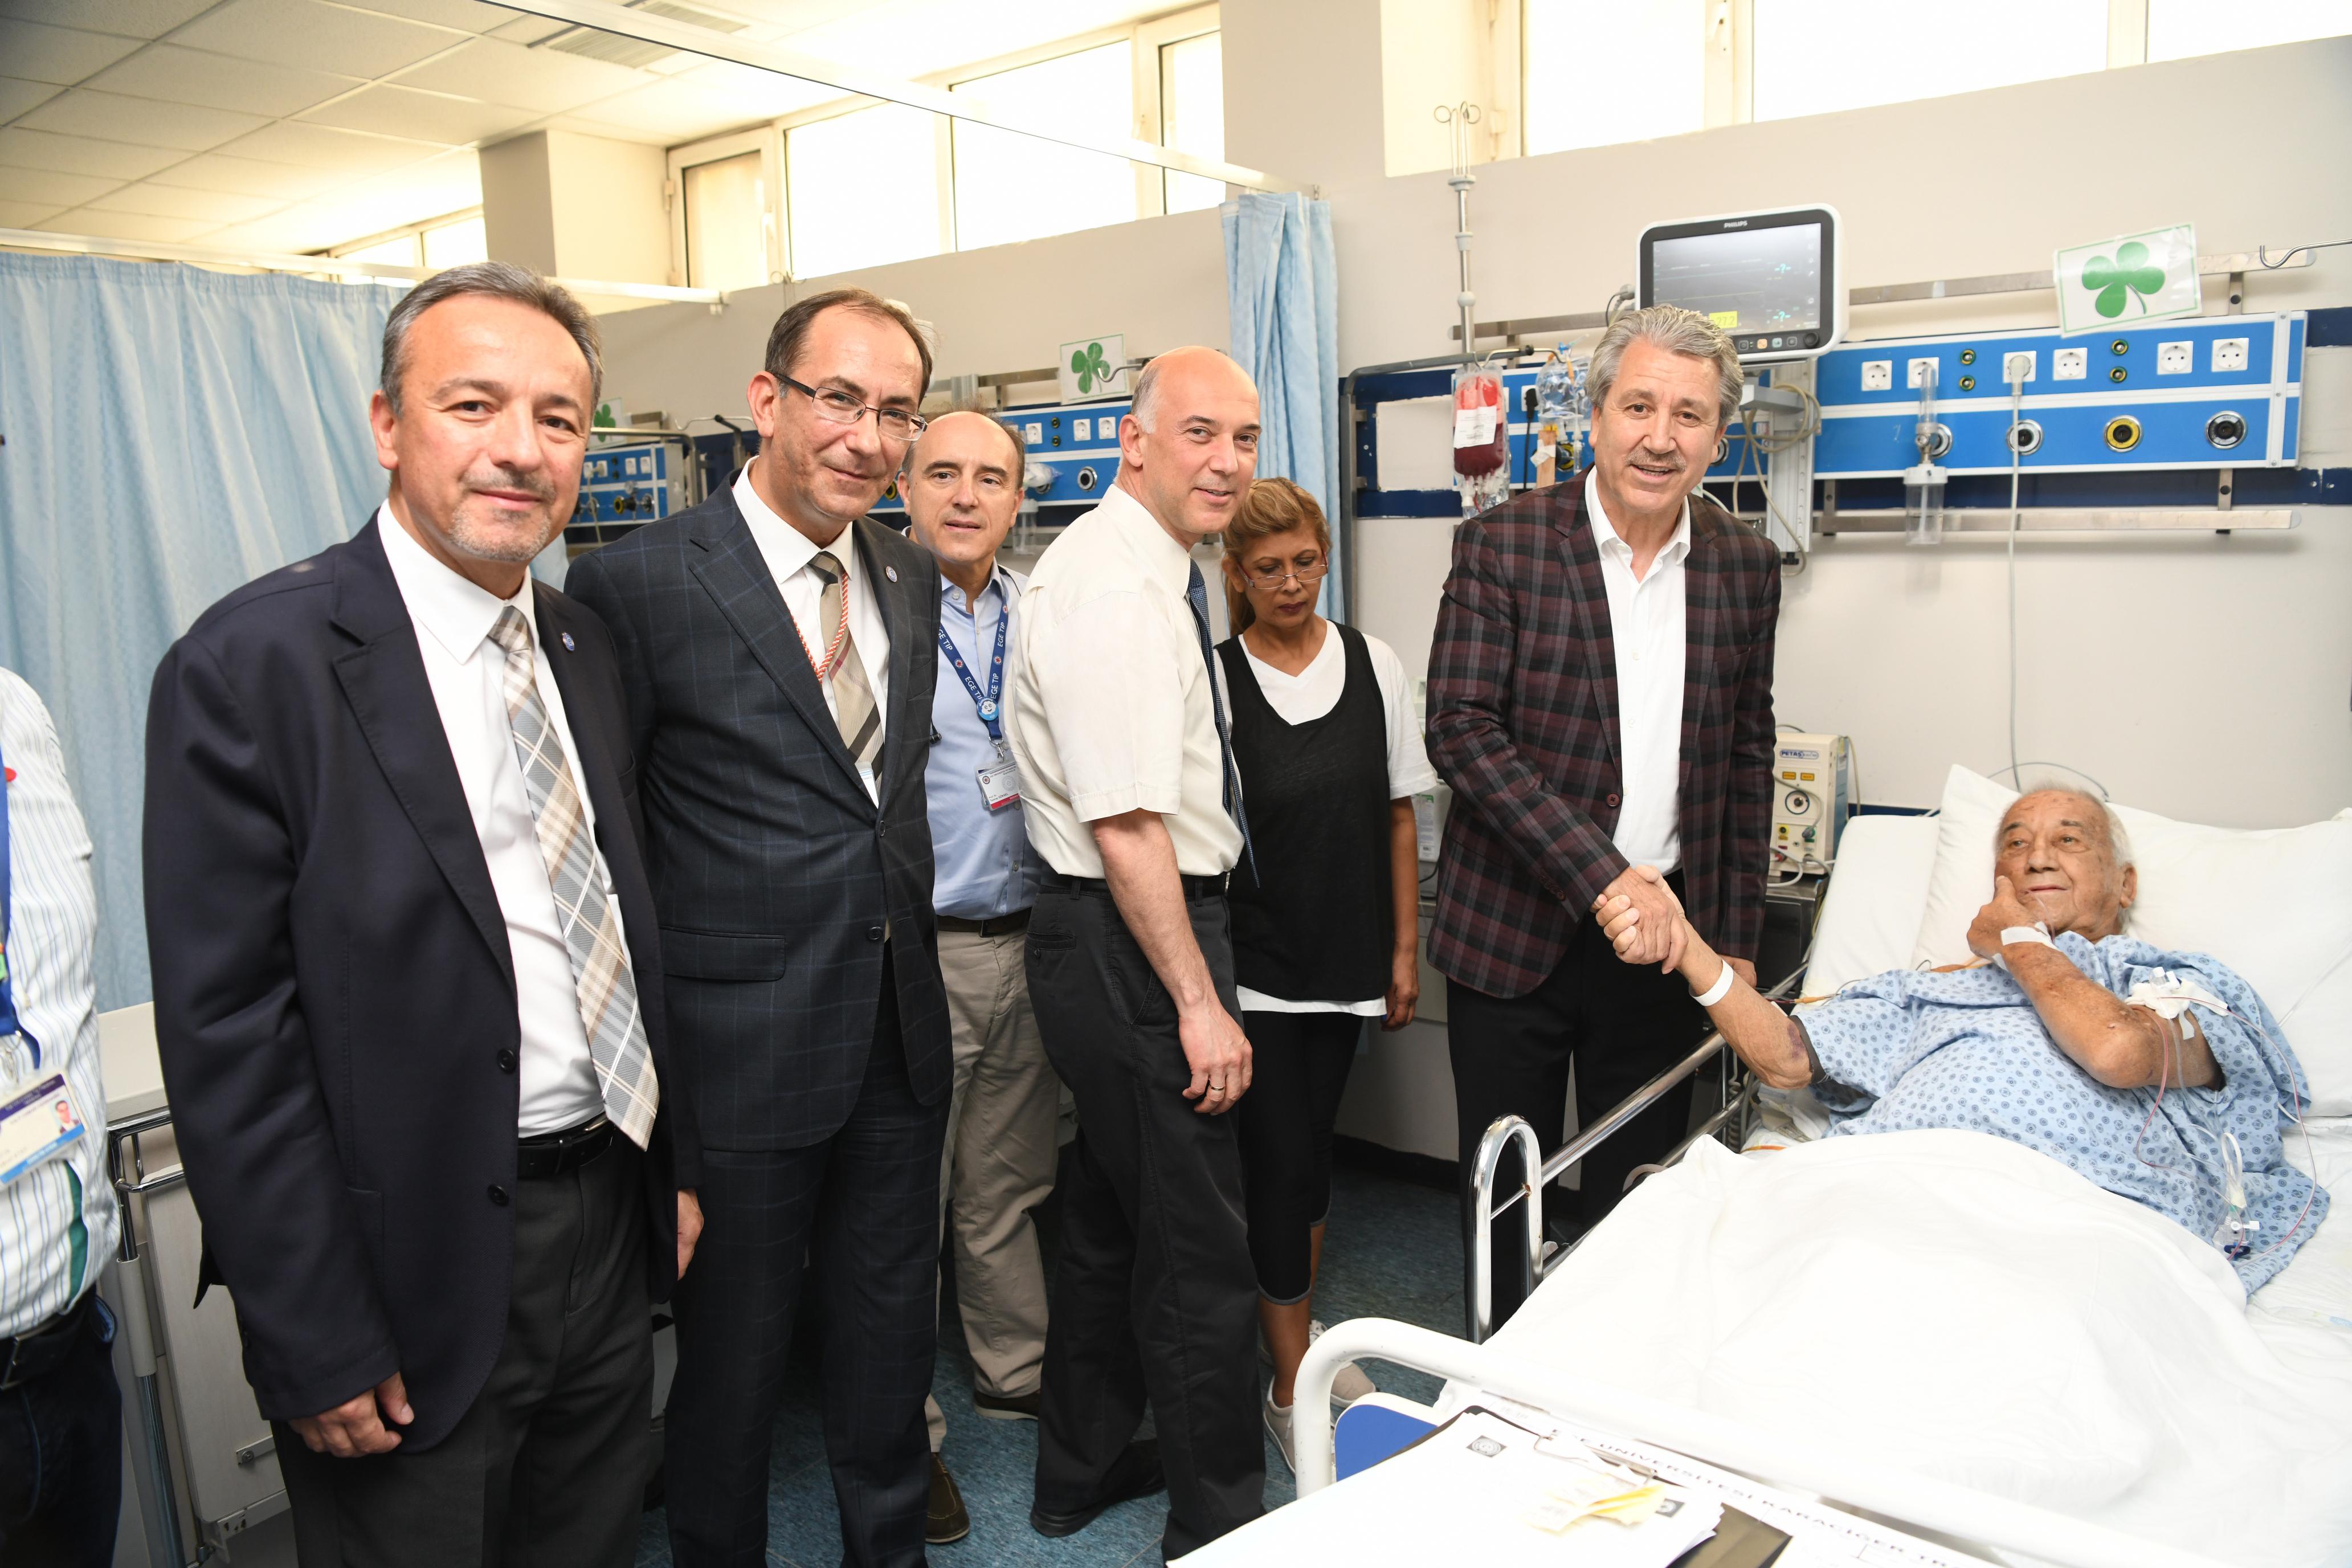 EÜ Tıp Fakültesi, 'Sağlık Turizmi' alanında önemli bir referans merkezi